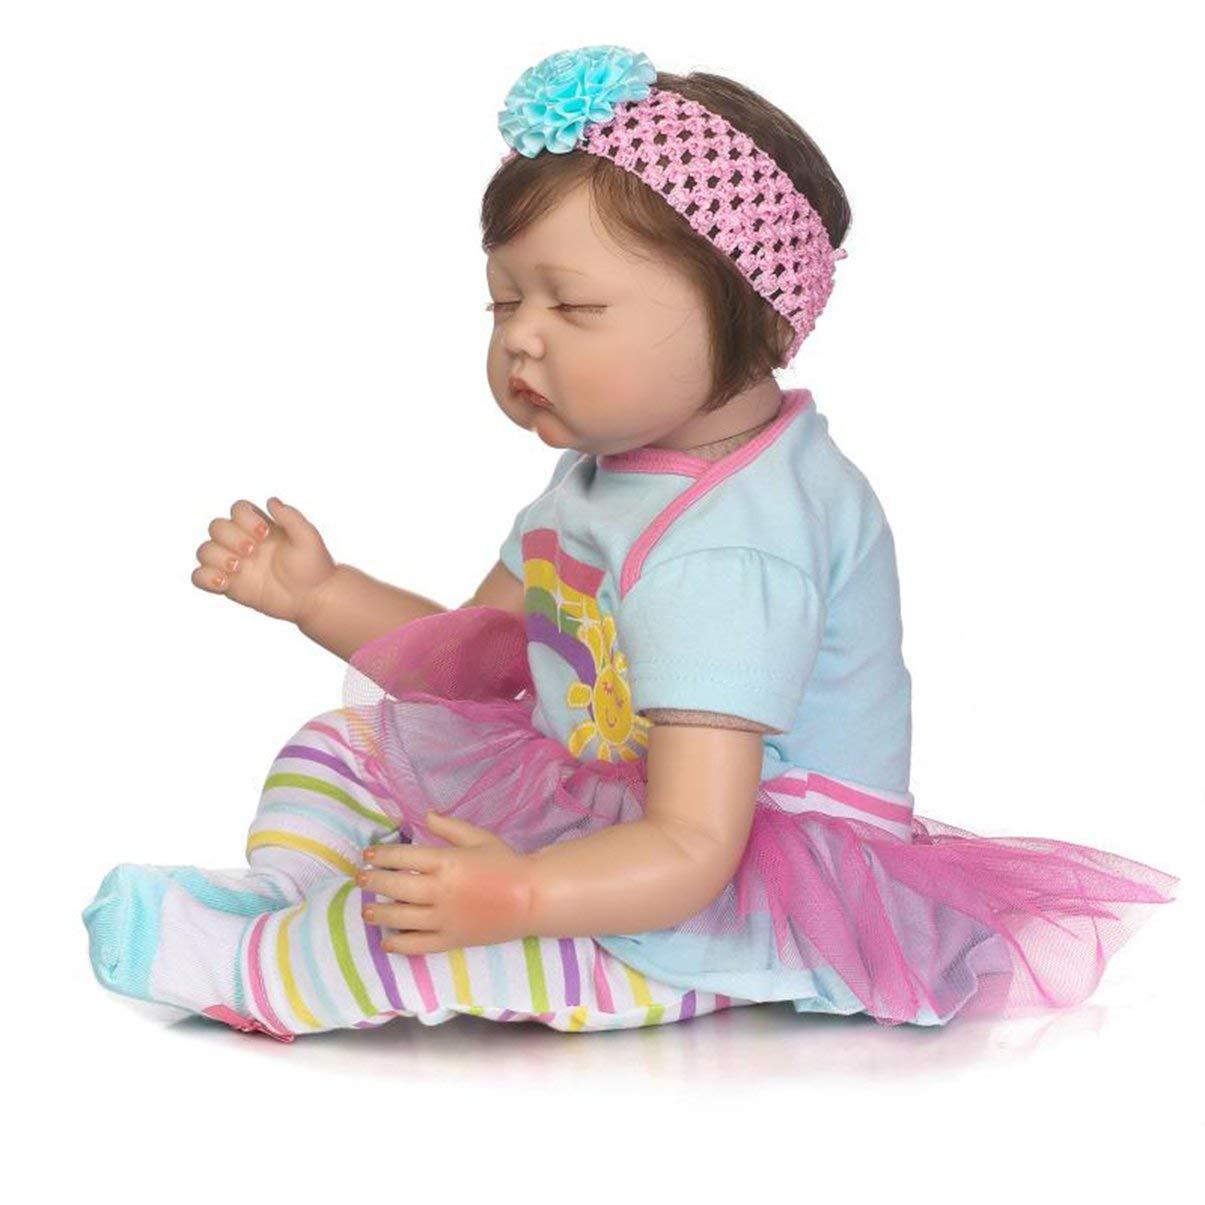 Barato JullyeleESgant 55 cm de Tela del Cuerpo del bebé Hecho a Mano bebé renacido muñeca Suave del Vinilo de Silicona muñeca de bebé no tóxico Juguete Seguro Realista recién Nacido muñeca de Juguete